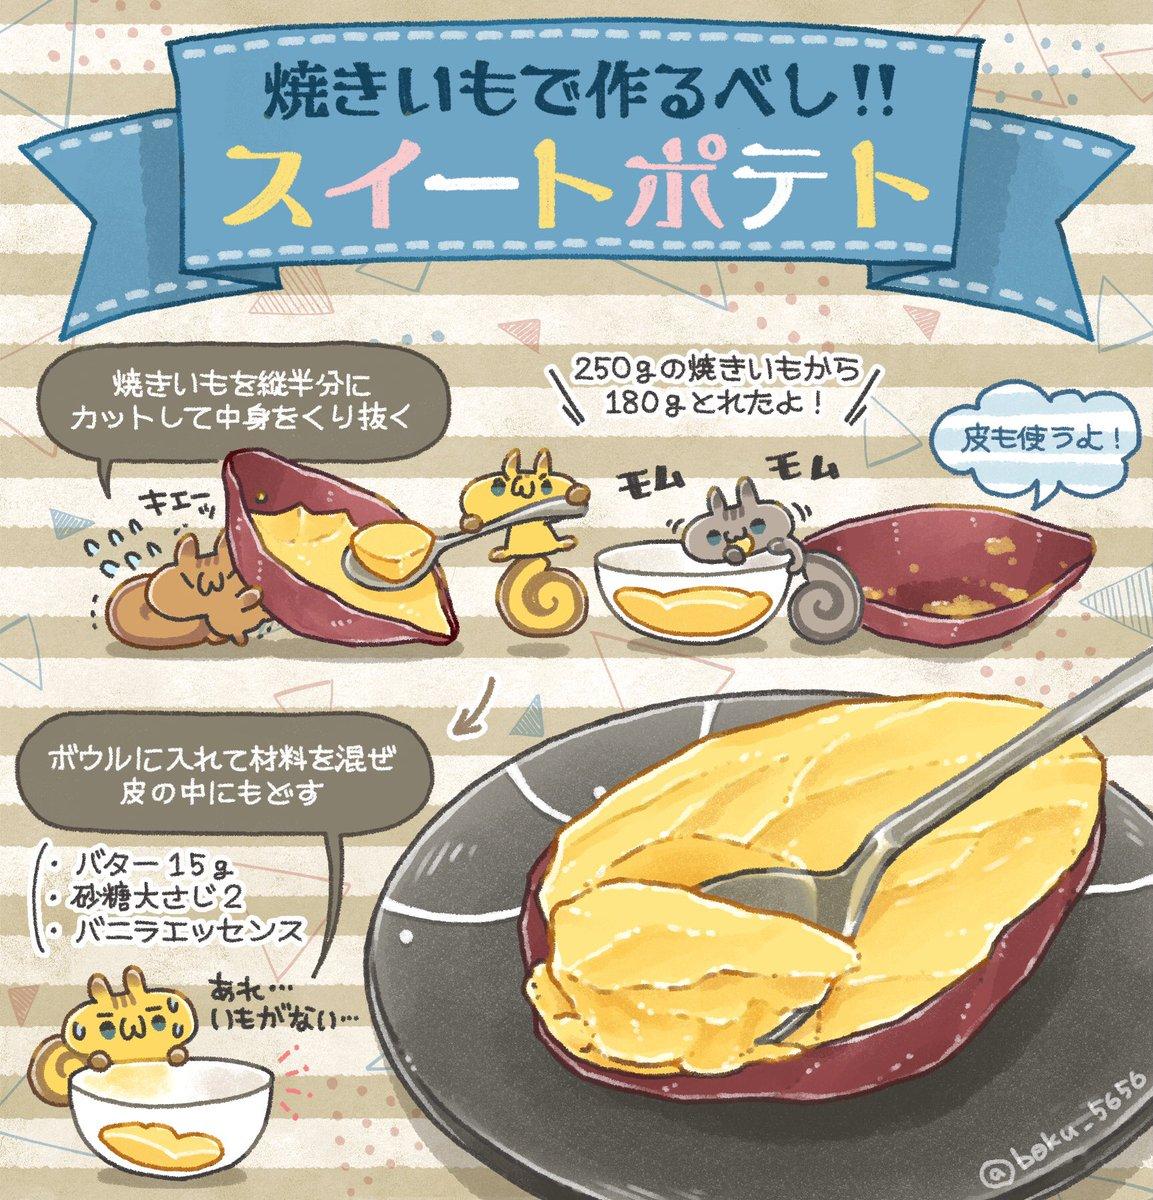 200円の焼き芋でスイートポテトが出来るみたい!それも店の味レベル‼